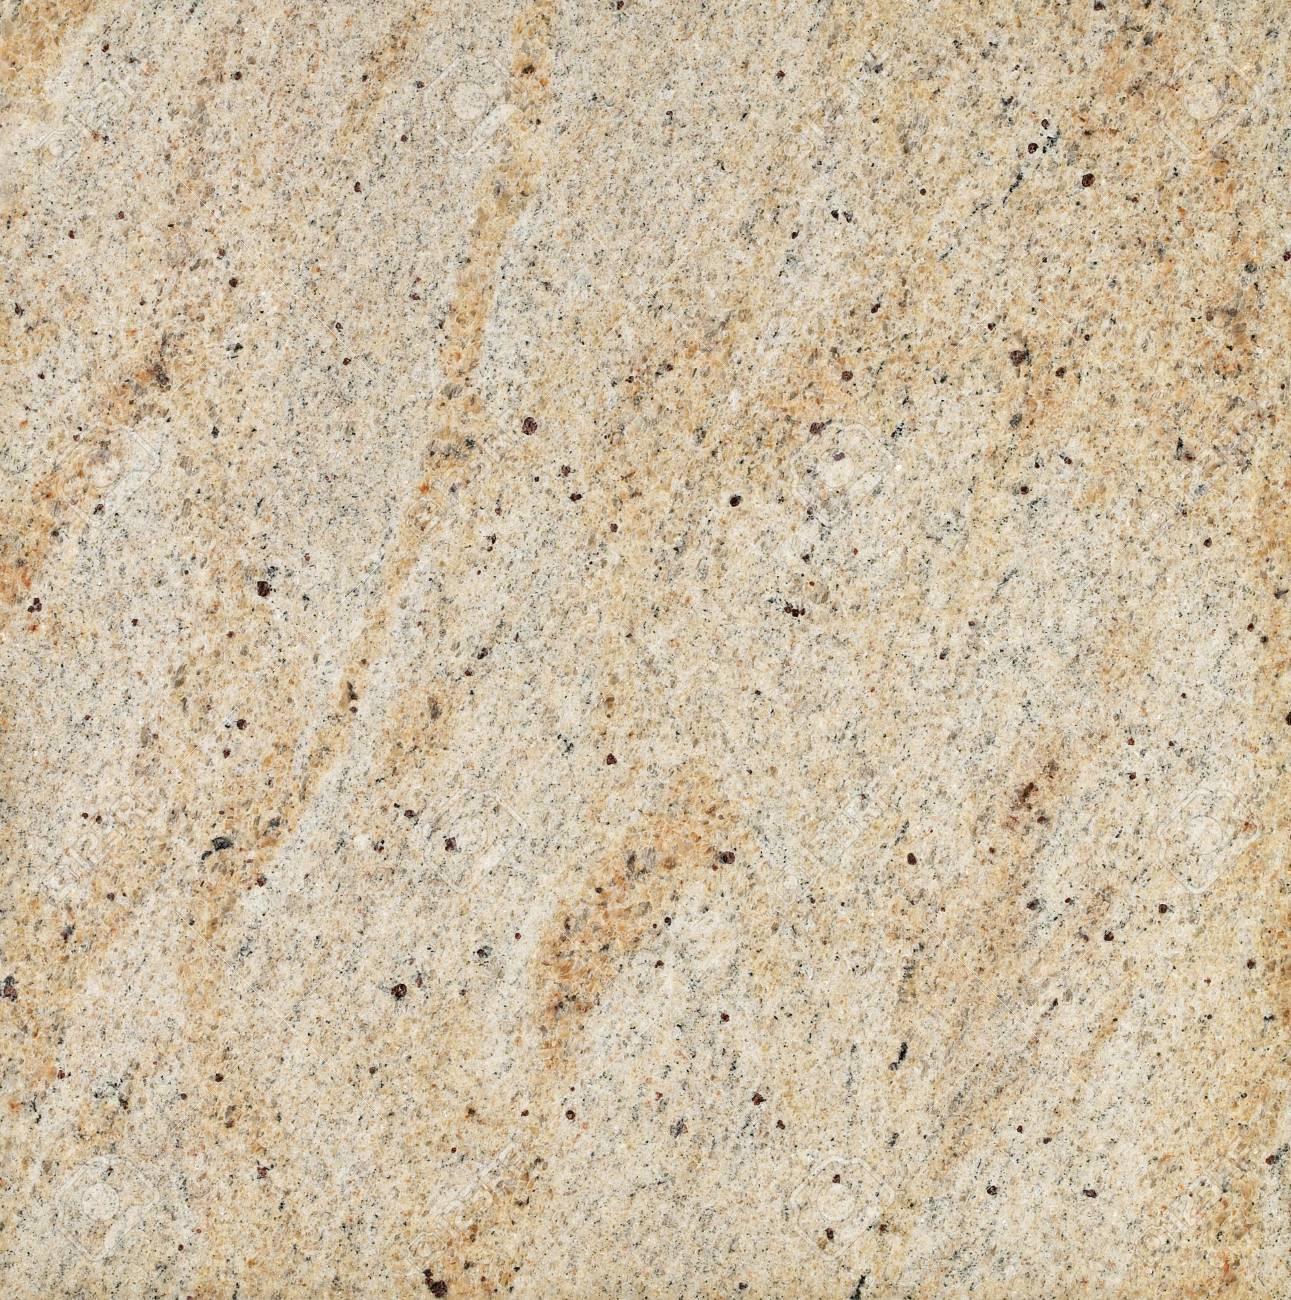 Nahaufnahme Von Naturstein Granit Marmor Mit Kornung Struktur